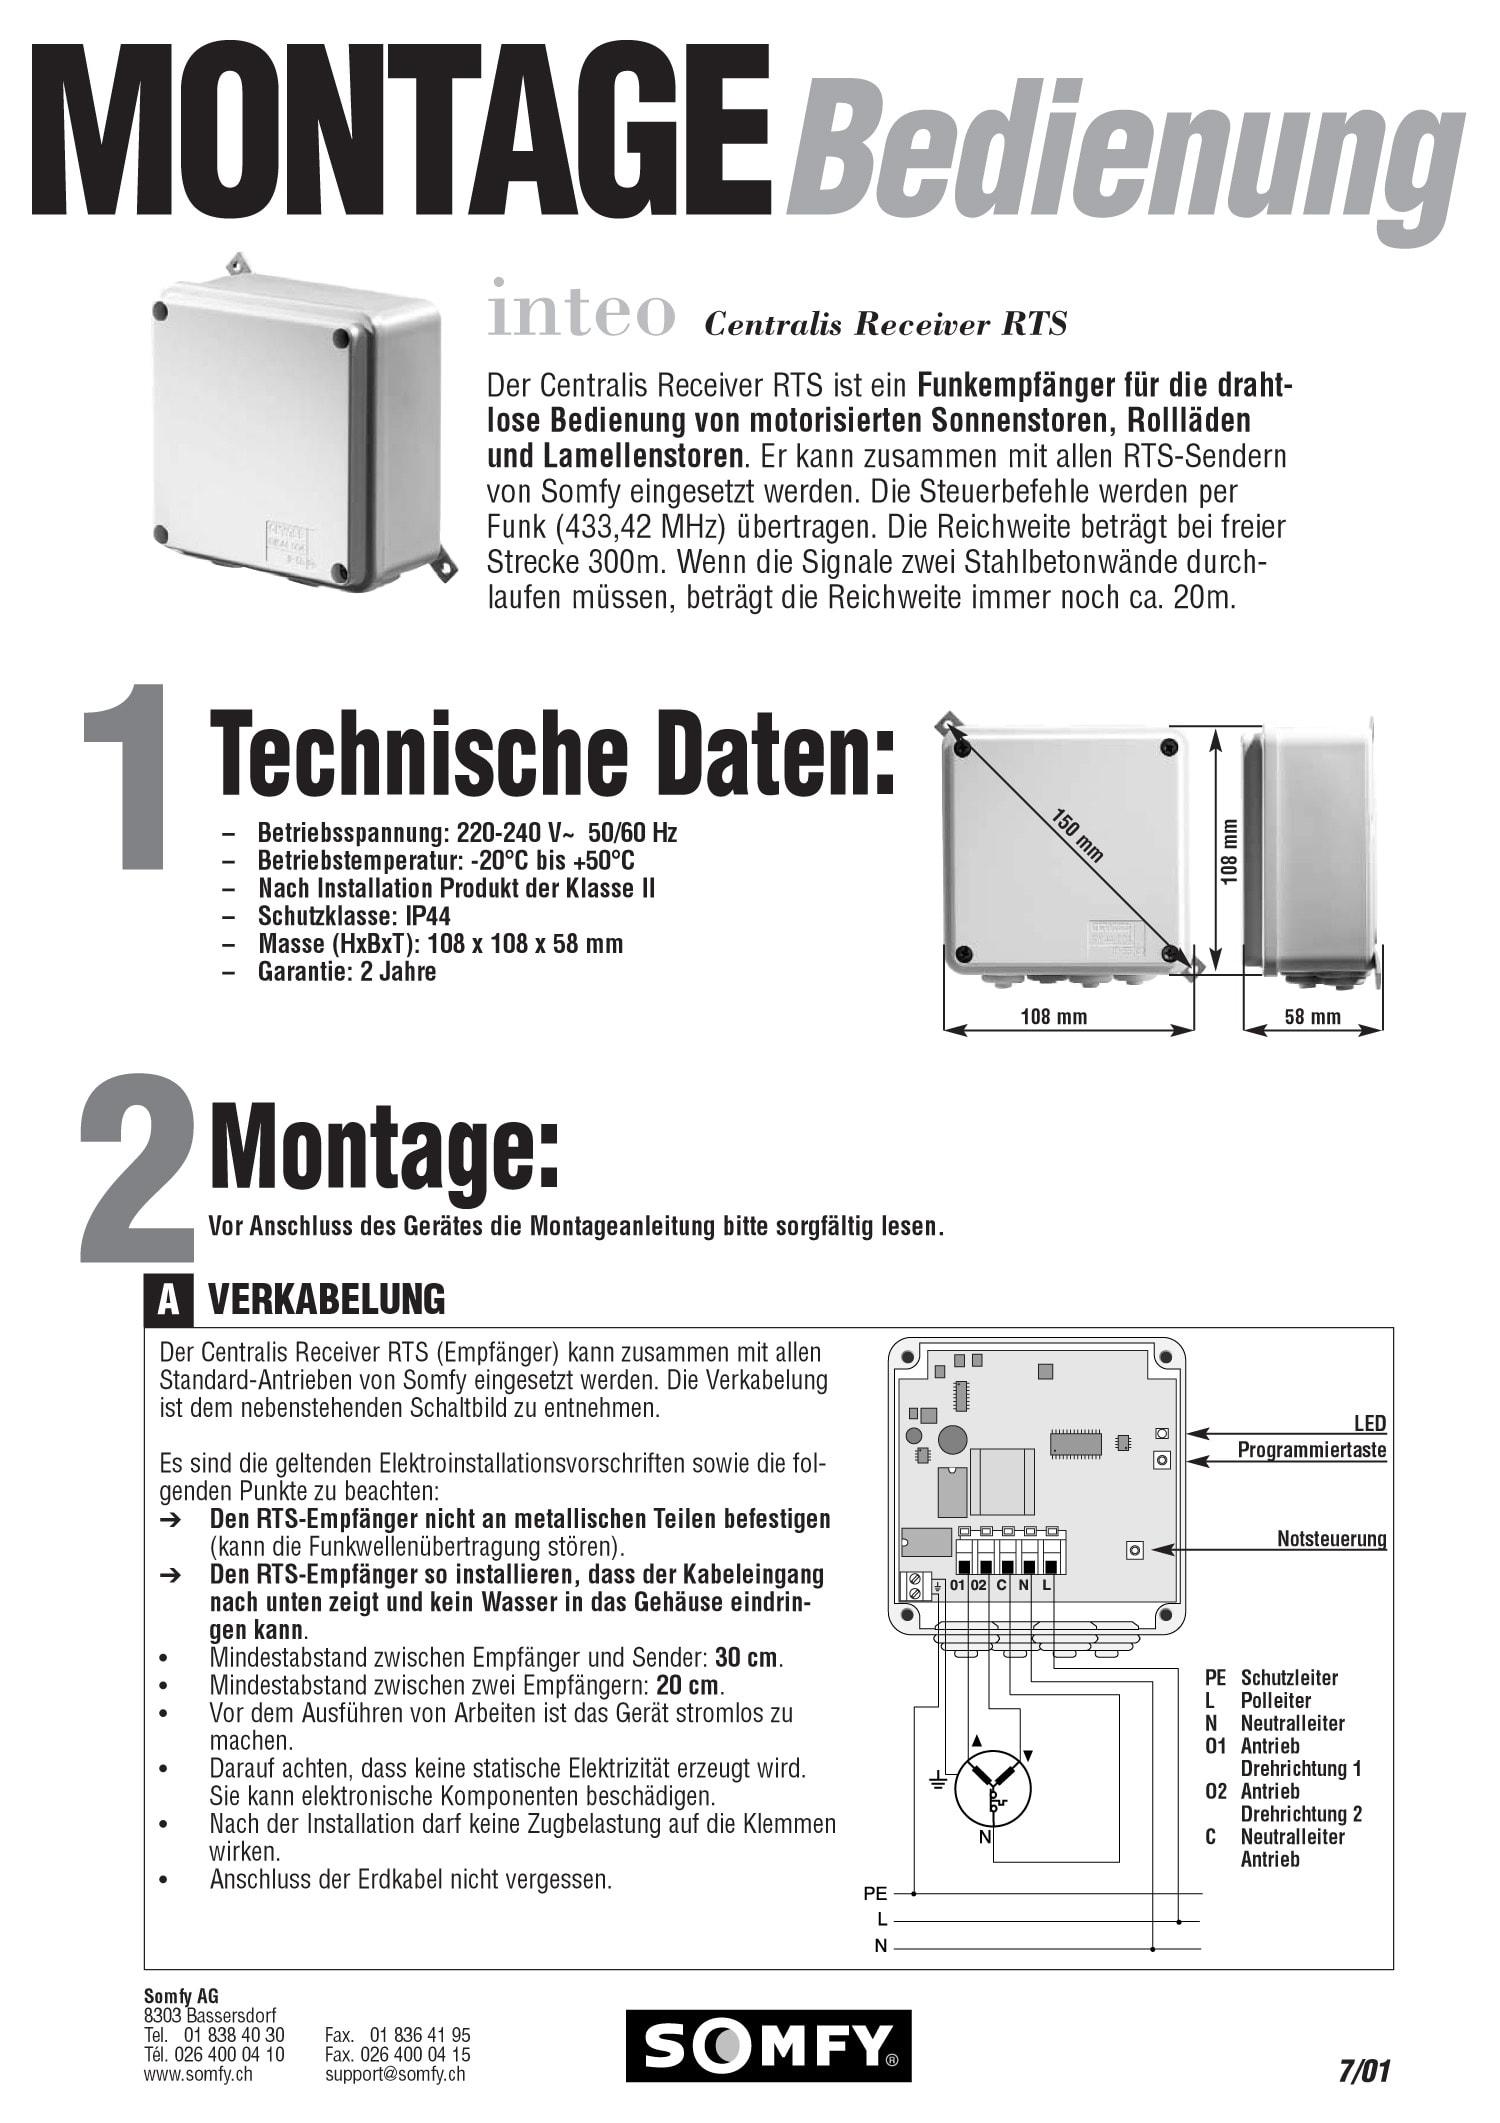 Groß 20 Ampere Empfänger Bilder - Der Schaltplan - greigo.com